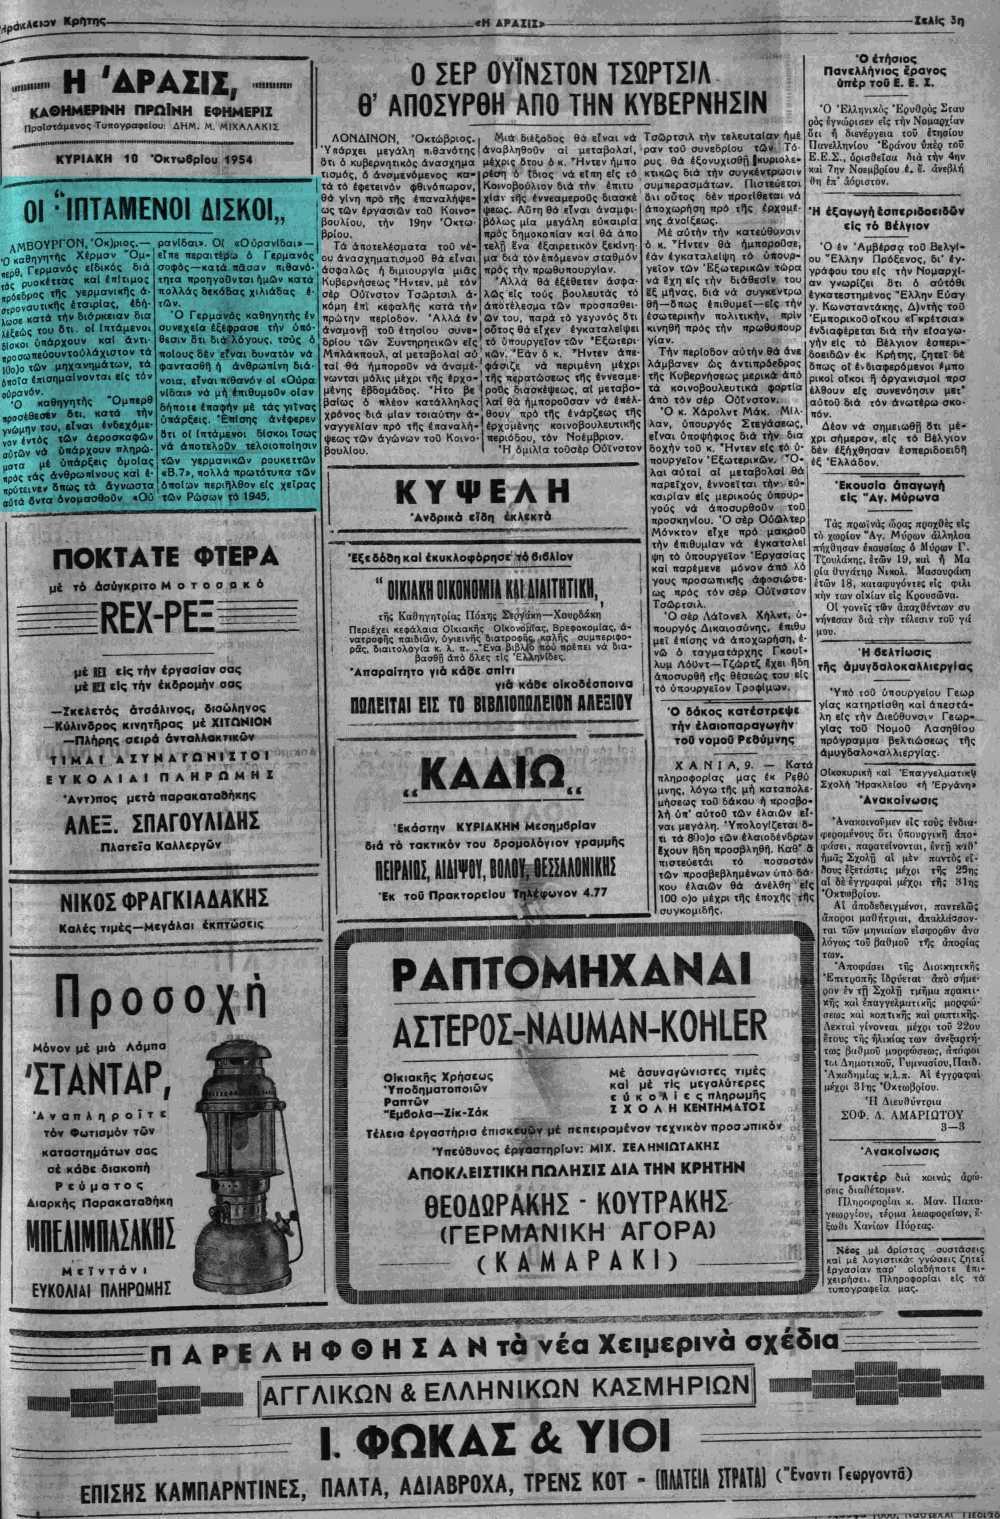 """Το άρθρο, όπως δημοσιεύθηκε στην εφημερίδα """"Η ΔΡΑΣΙΣ"""", στις 10/10/1954"""